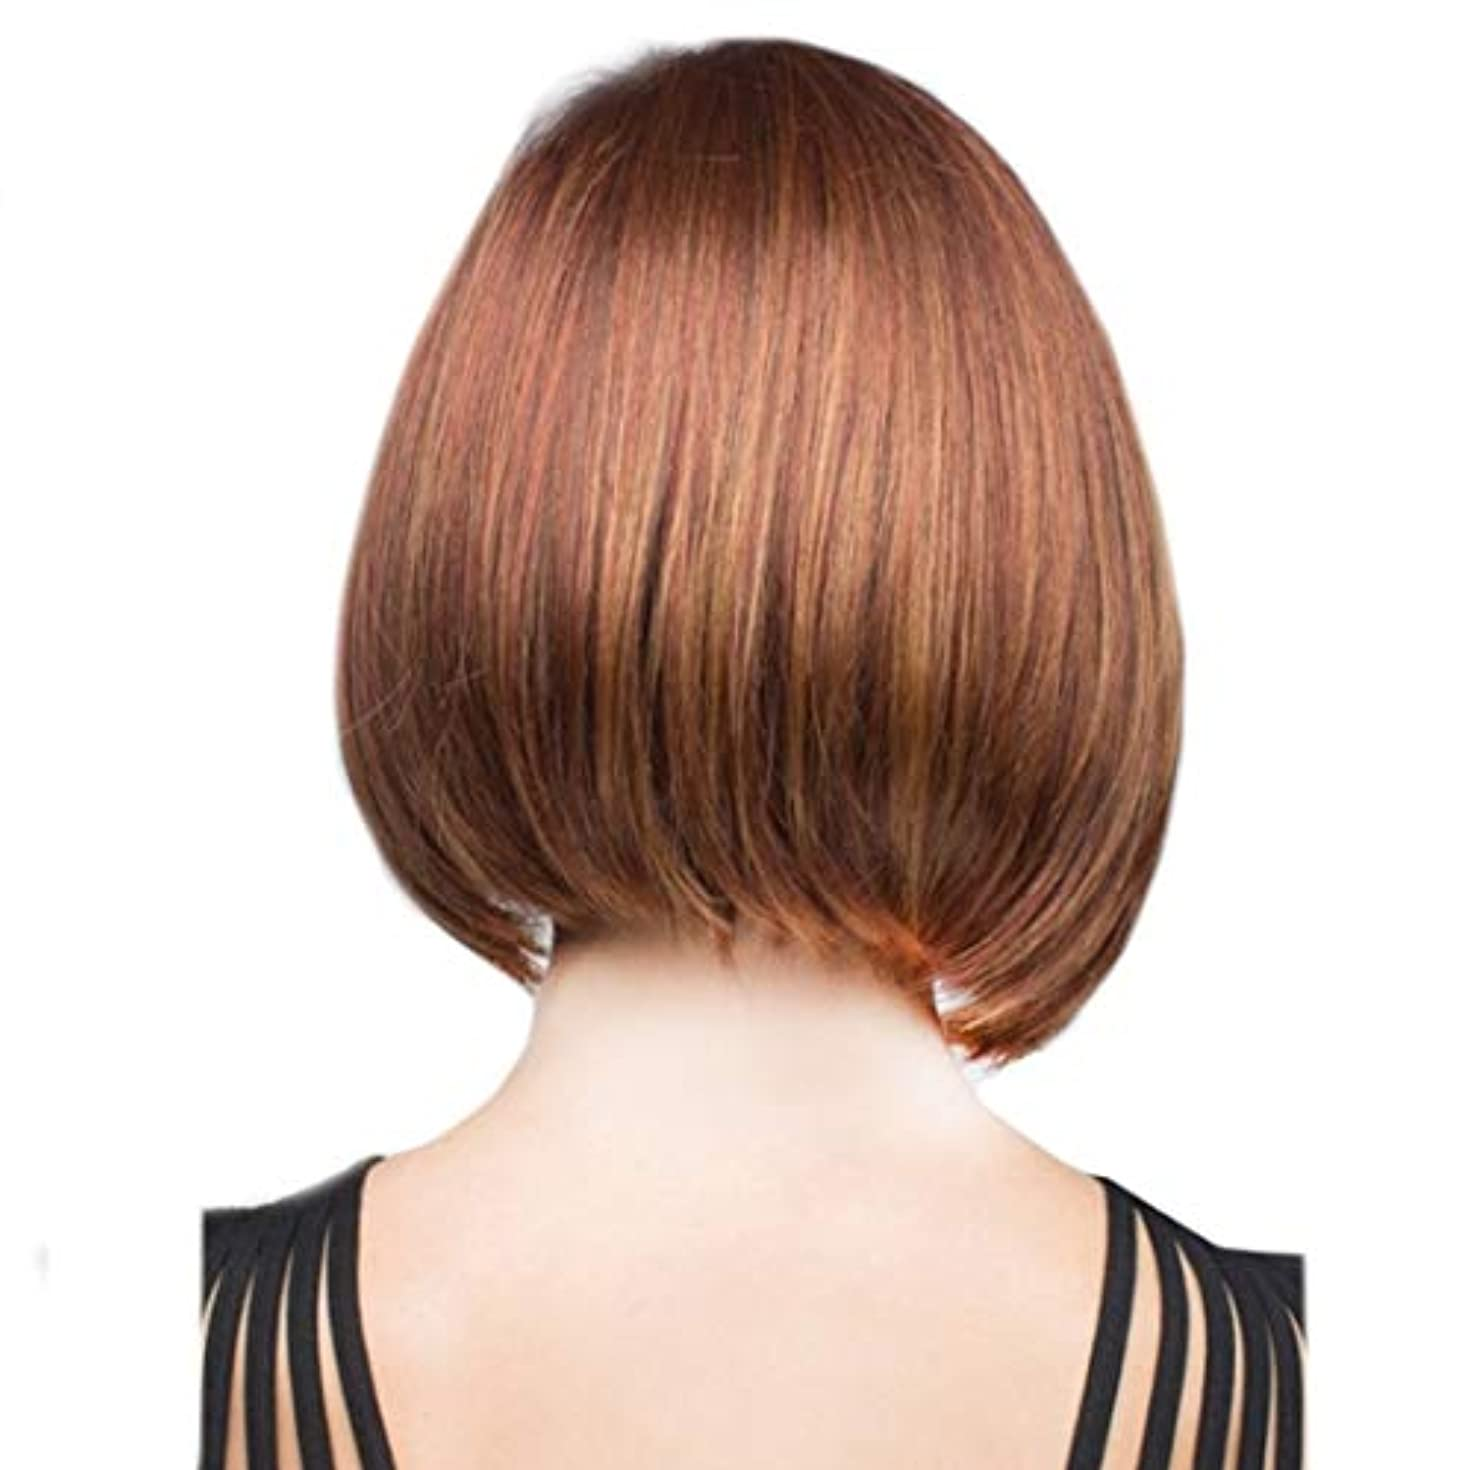 差し引く有害なブランデーKerwinner ショートボブの髪ウィッグストレート前髪付き合成カラフルなコスプレデイリーパーティーウィッグ本物の髪として自然な女性のための